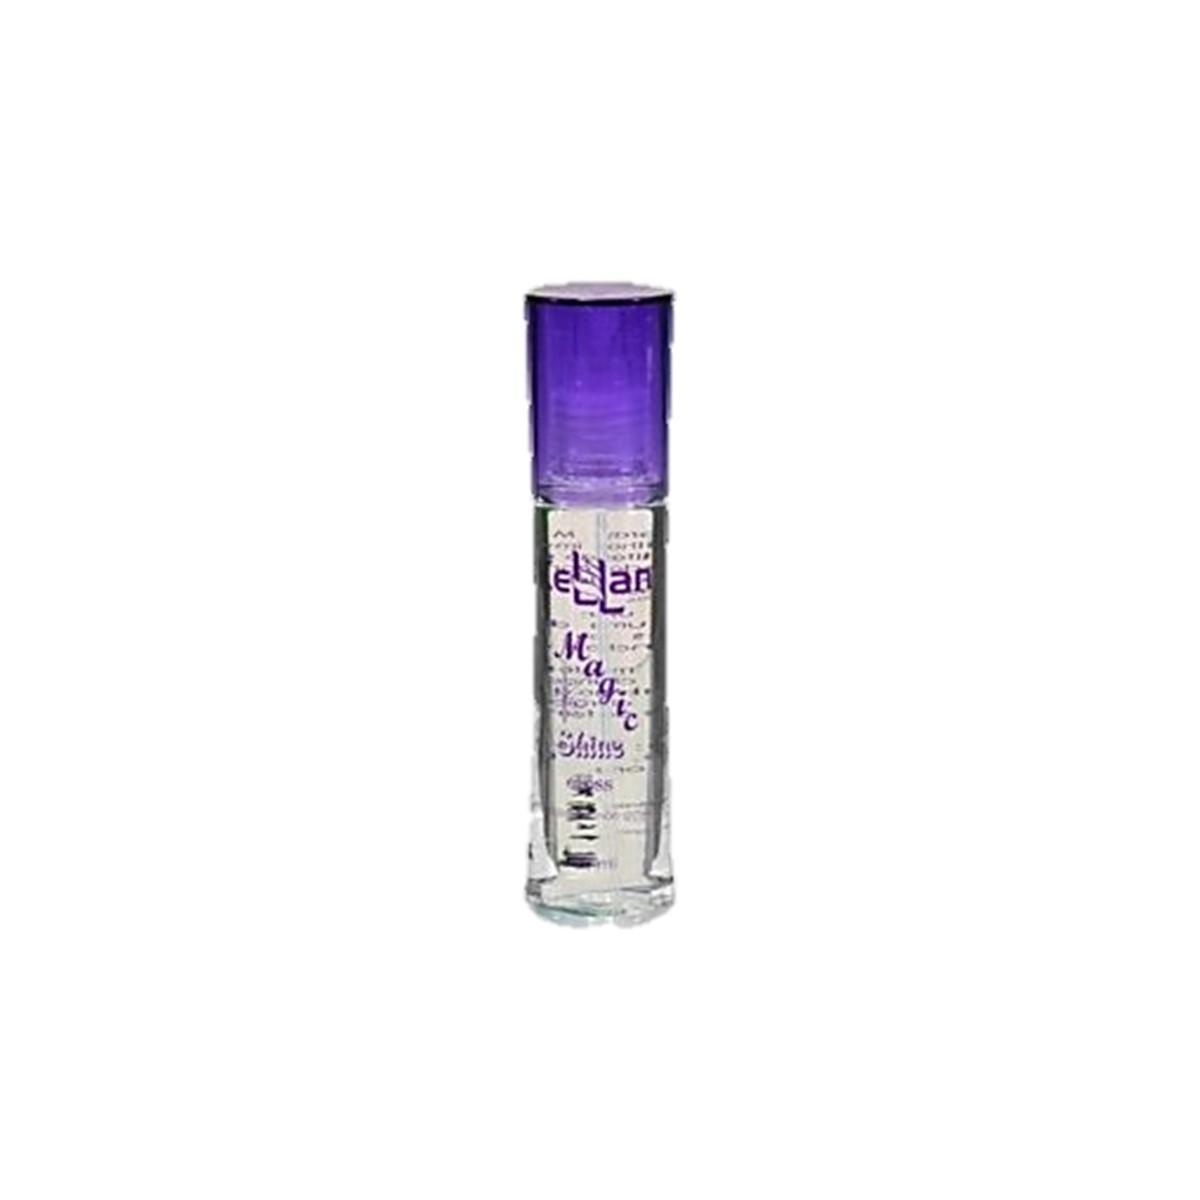 Spray de Brilho para Cabelo - Kellan Spray de Brilho Magic Shine 120ml